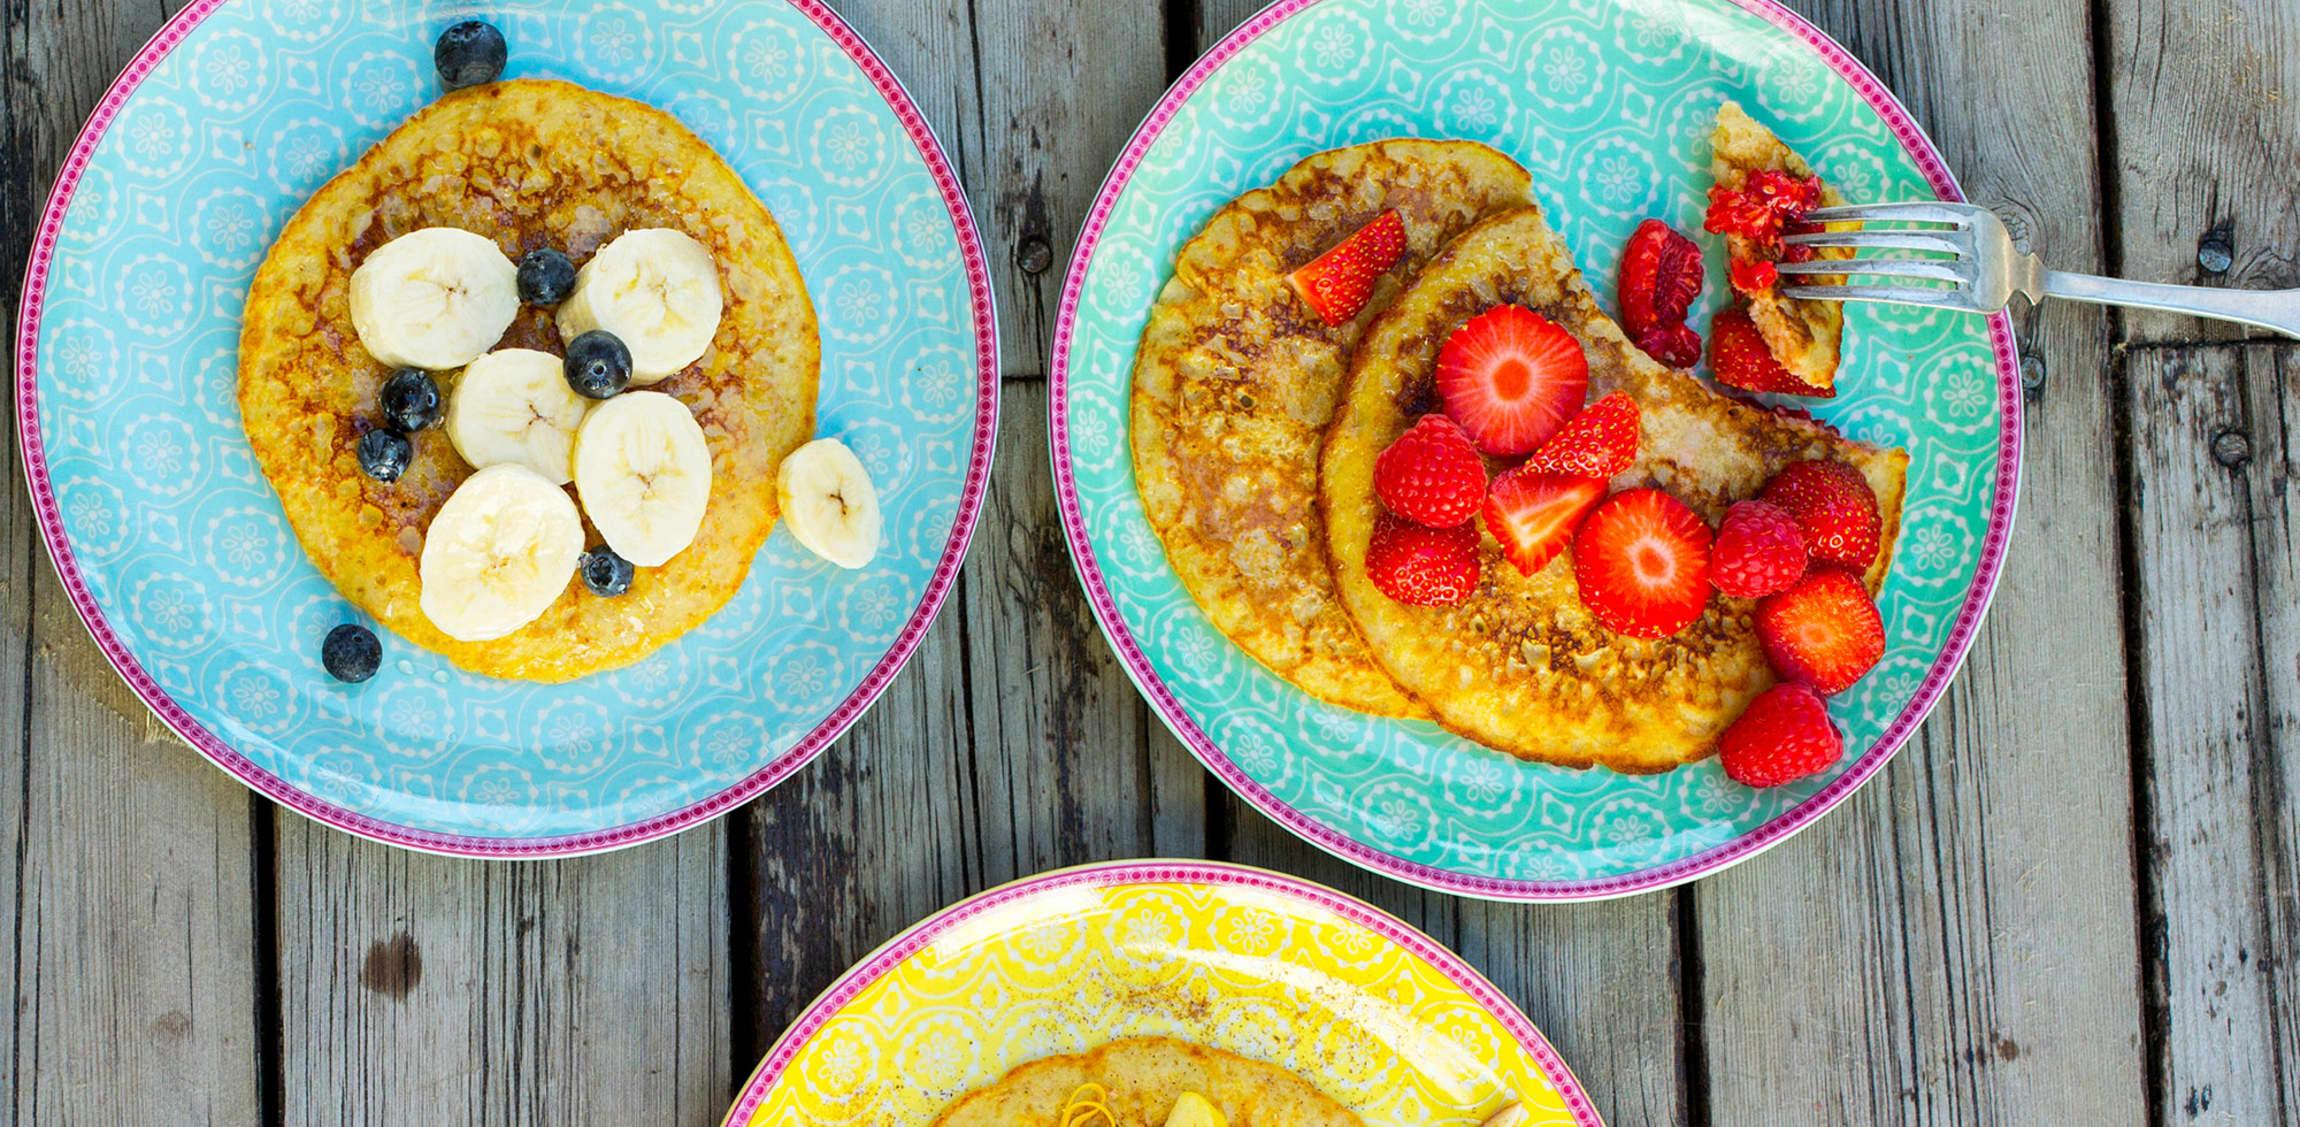 Pannekaker er ikke nødvendigvis en usunn start på dagen. Lag grovere pannekaker og topp de med frisk frukt og bær